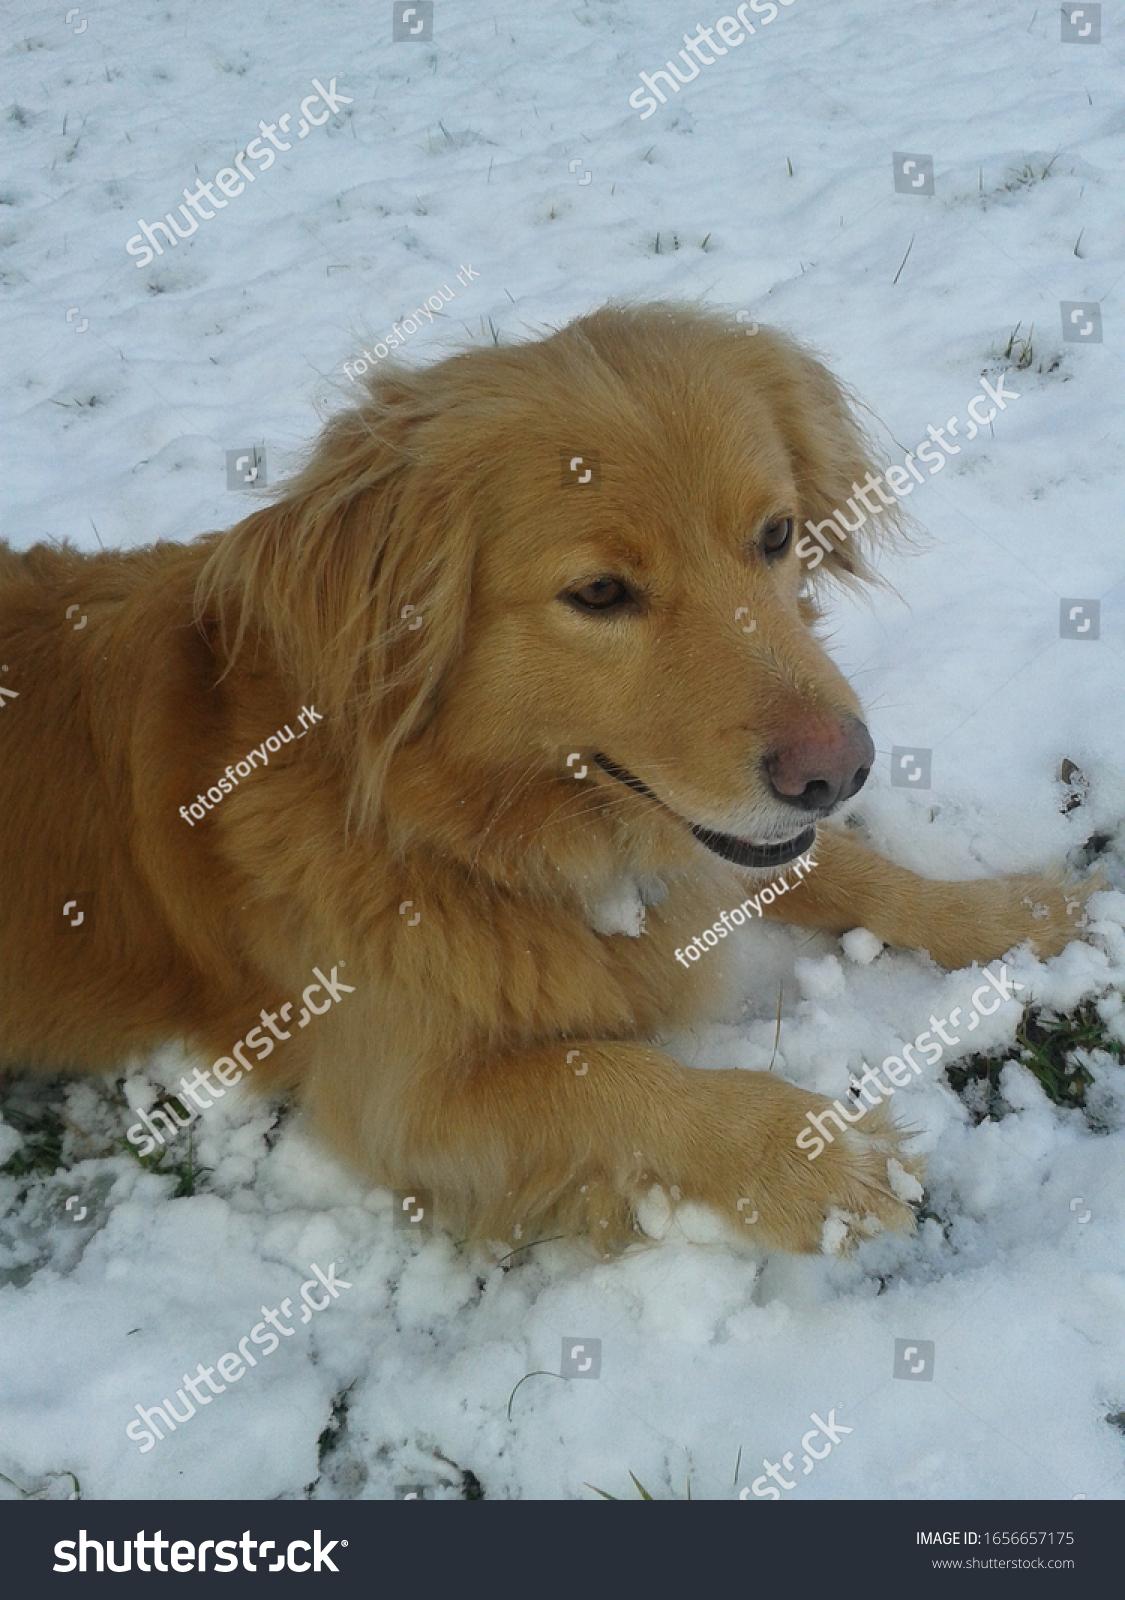 stock-photo-mixed-breed-dog-has-fun-in-the-snow-dog-lies-in-the-snow-and-rests-dog-has-snow-in-his-body-1656657175.jpg